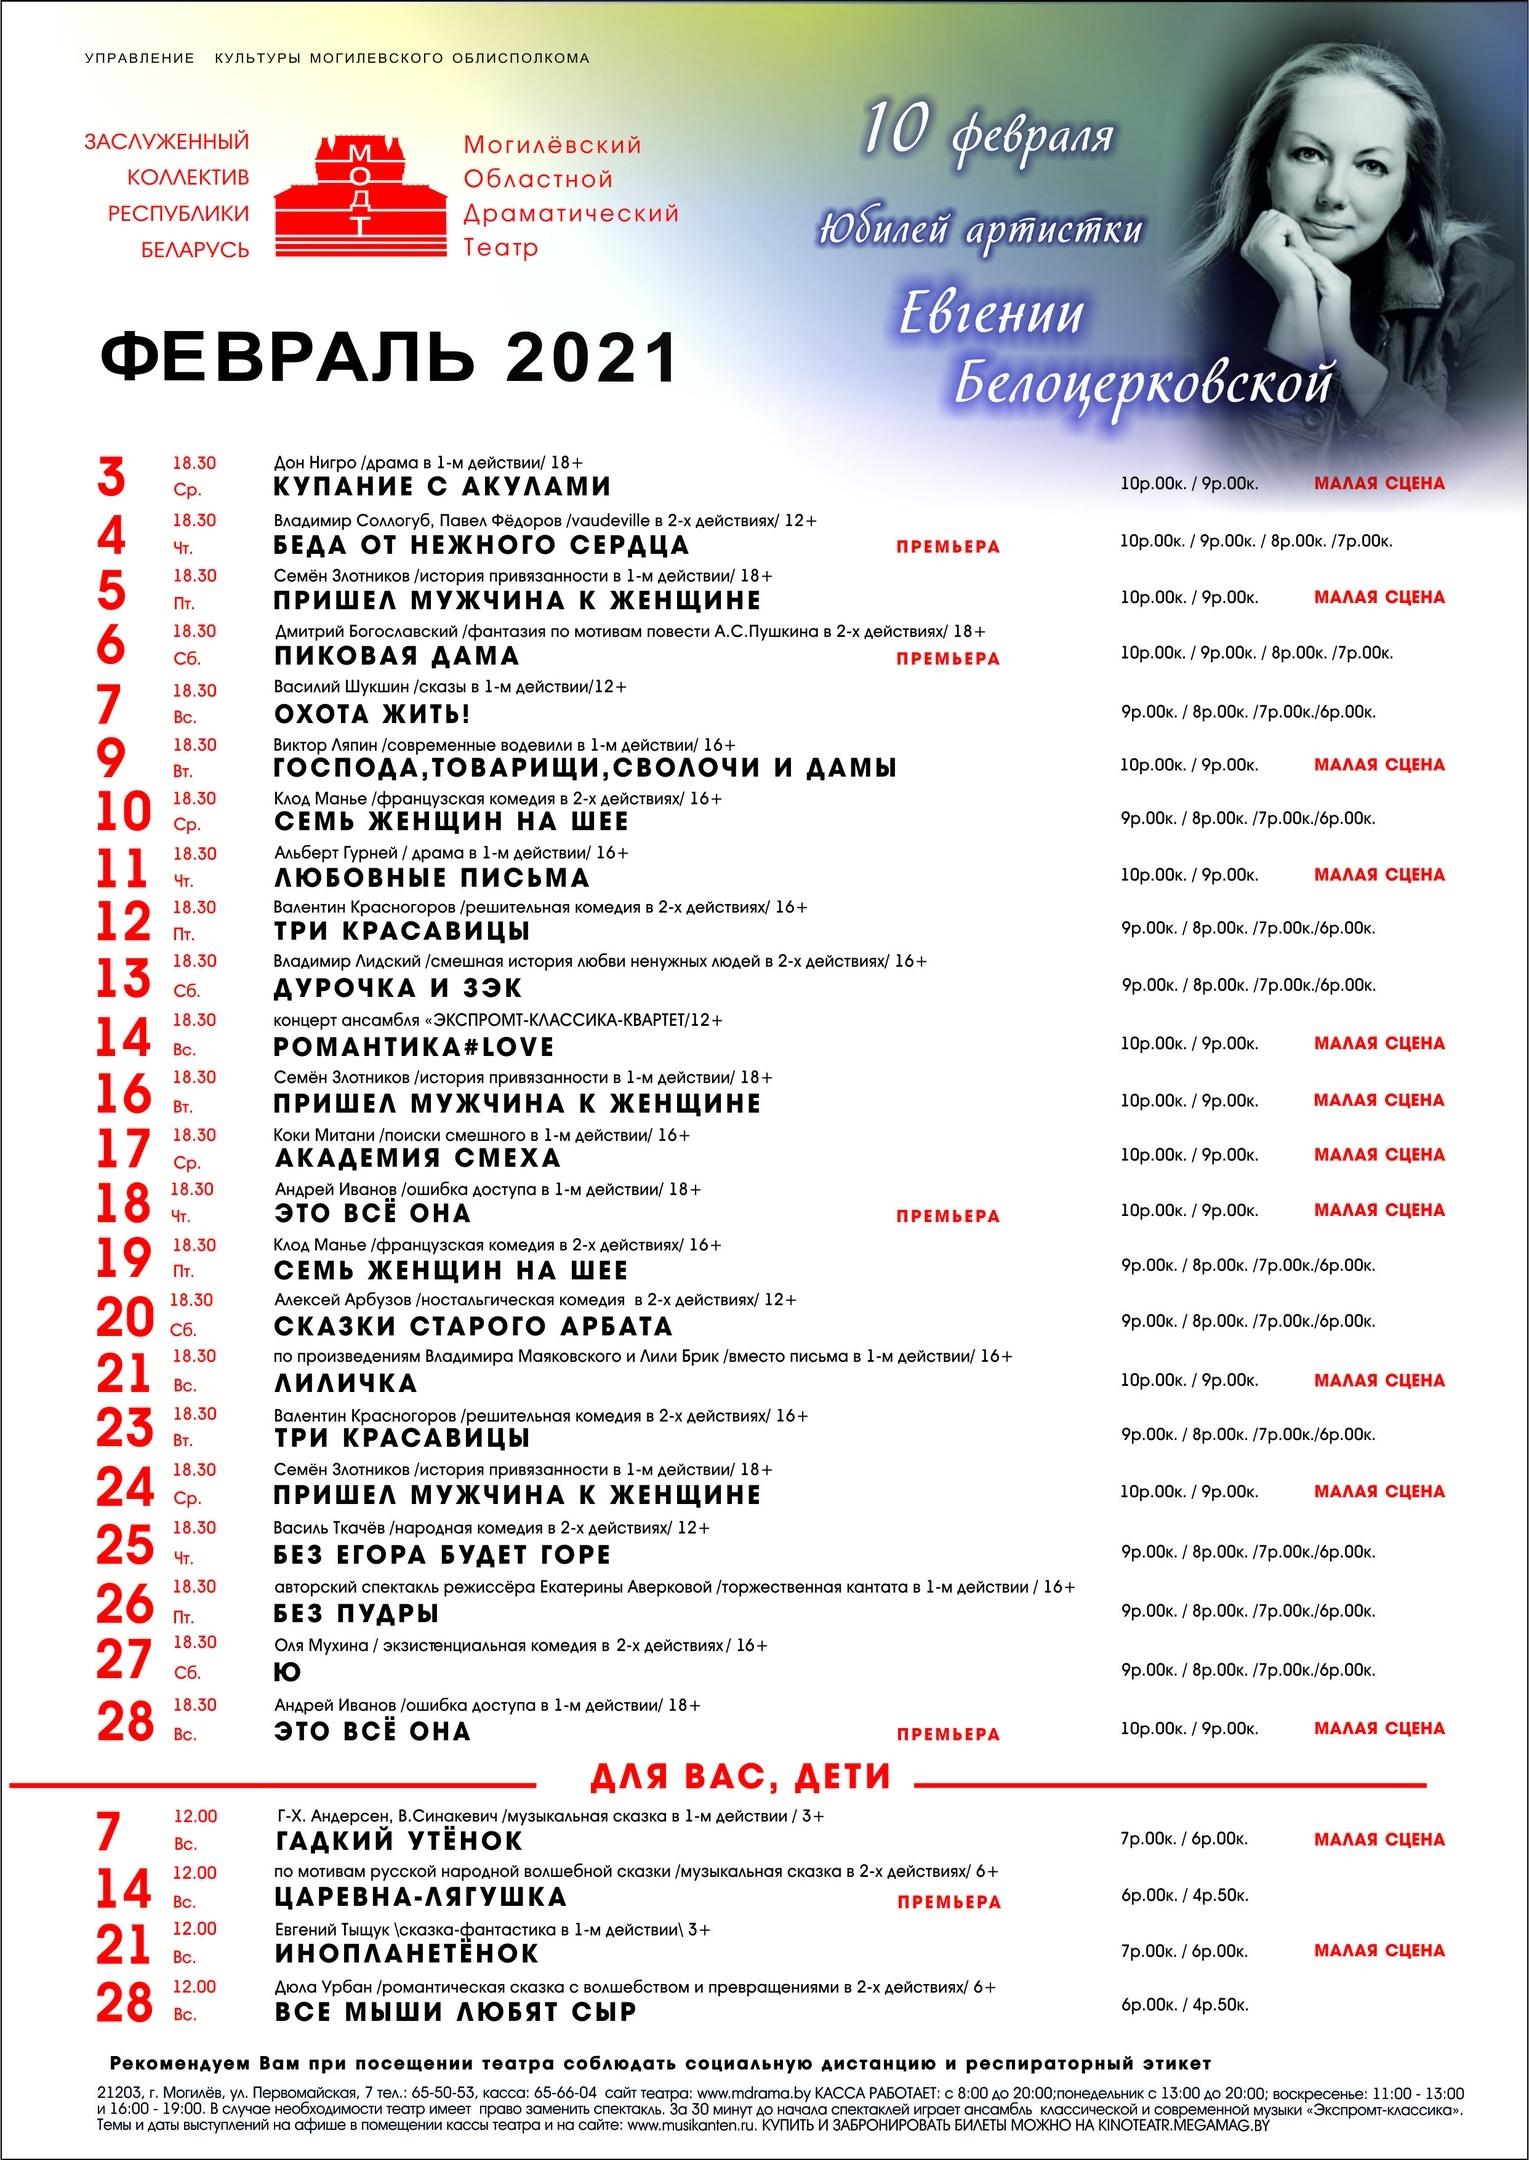 Репертуар февраль 2021